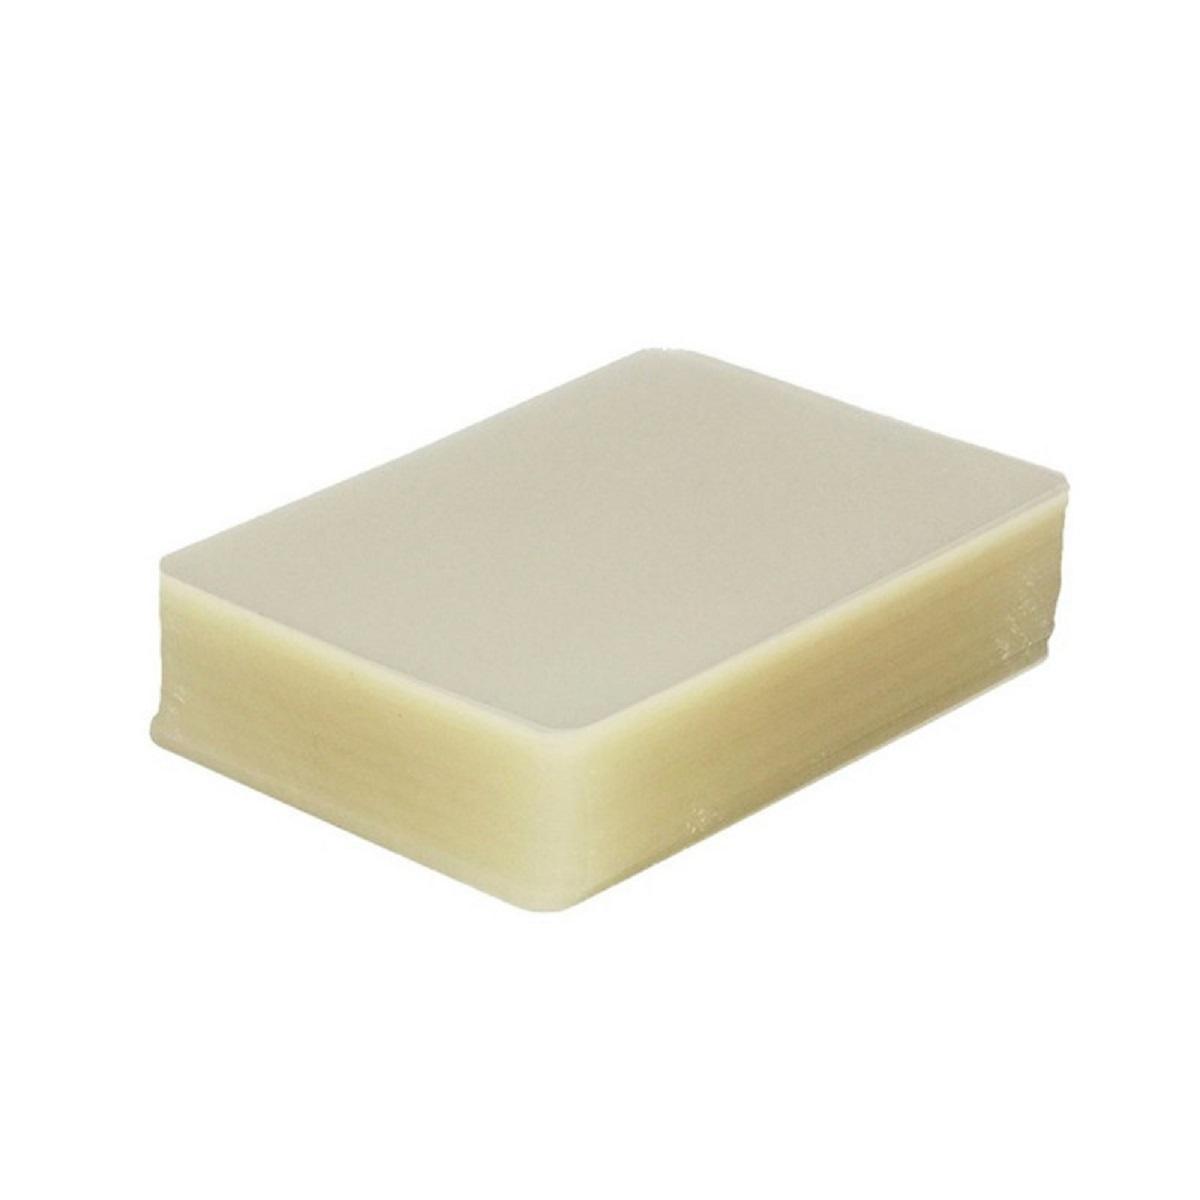 Polaseal para Plastificação Título de Eleitor 73x106x0,10mm (250 micras) - Pacote com 100 unidades  - Click Suprimentos